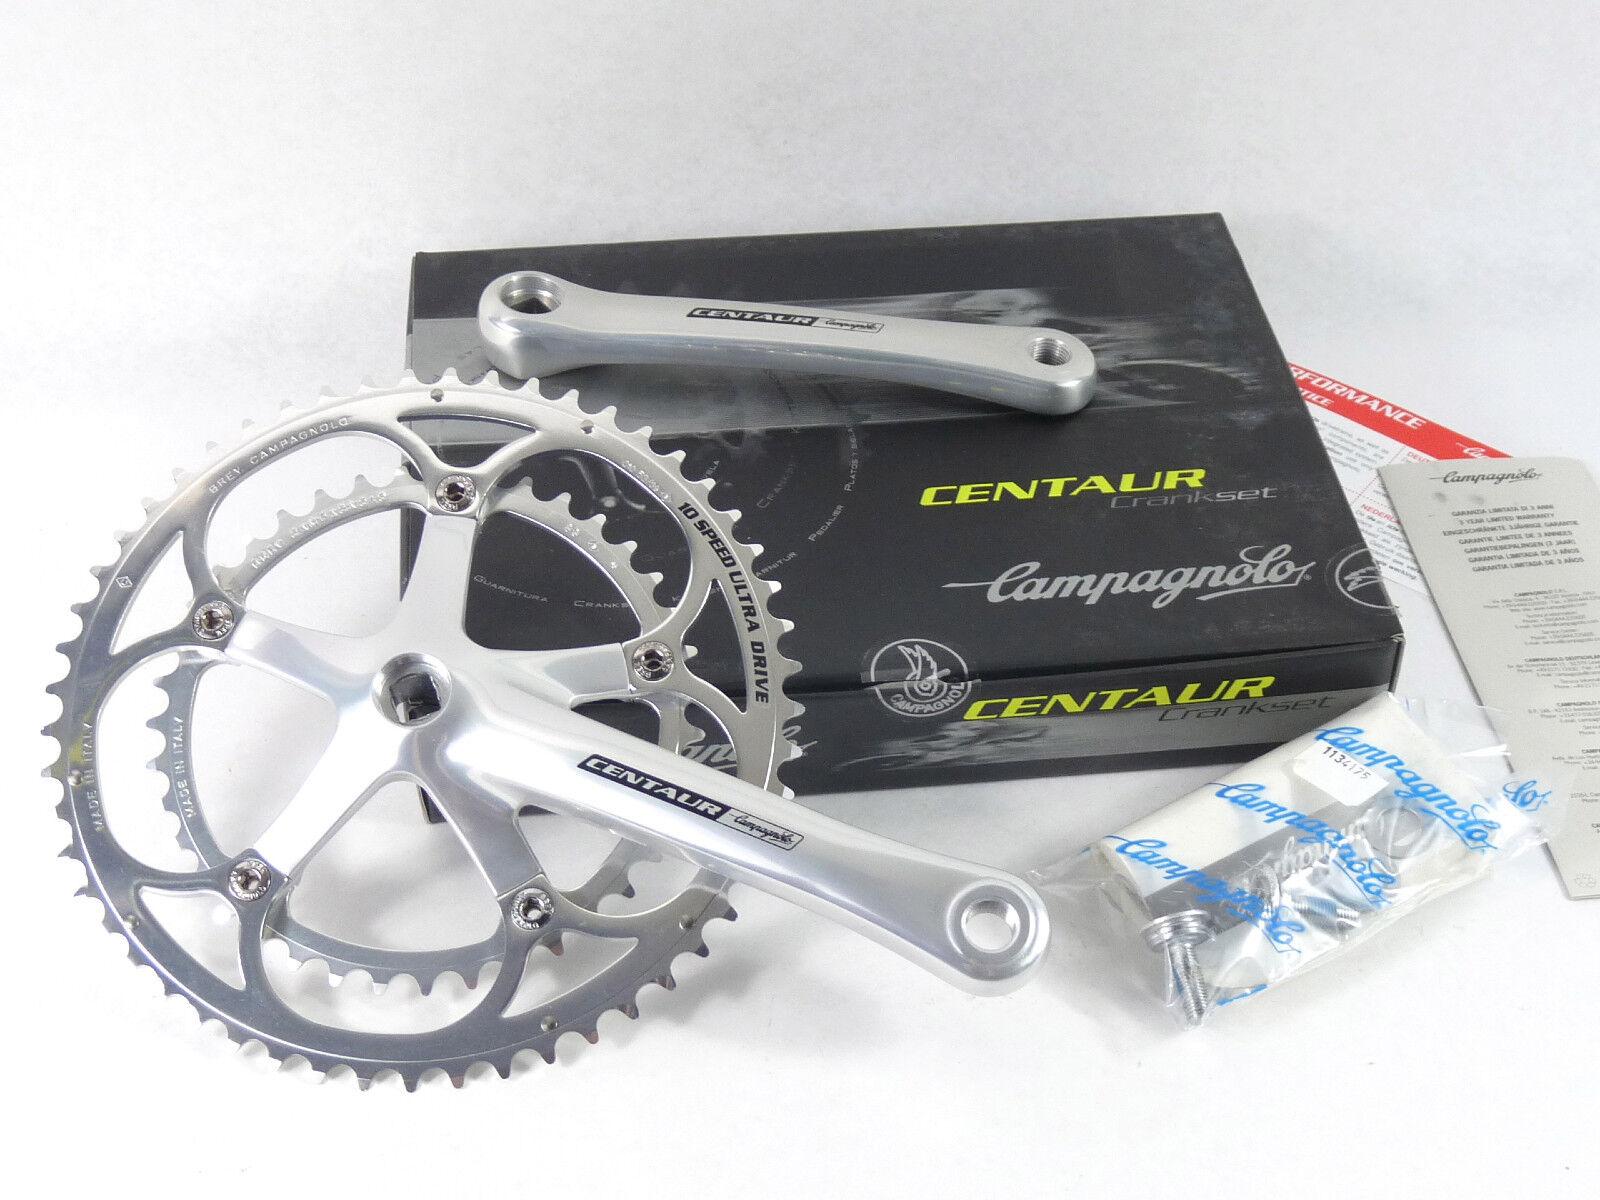 Juego de bielas Campagnolo Centauro 10 velocidad 172.5mm 53 39 Ultra Drive Bicicleta nos